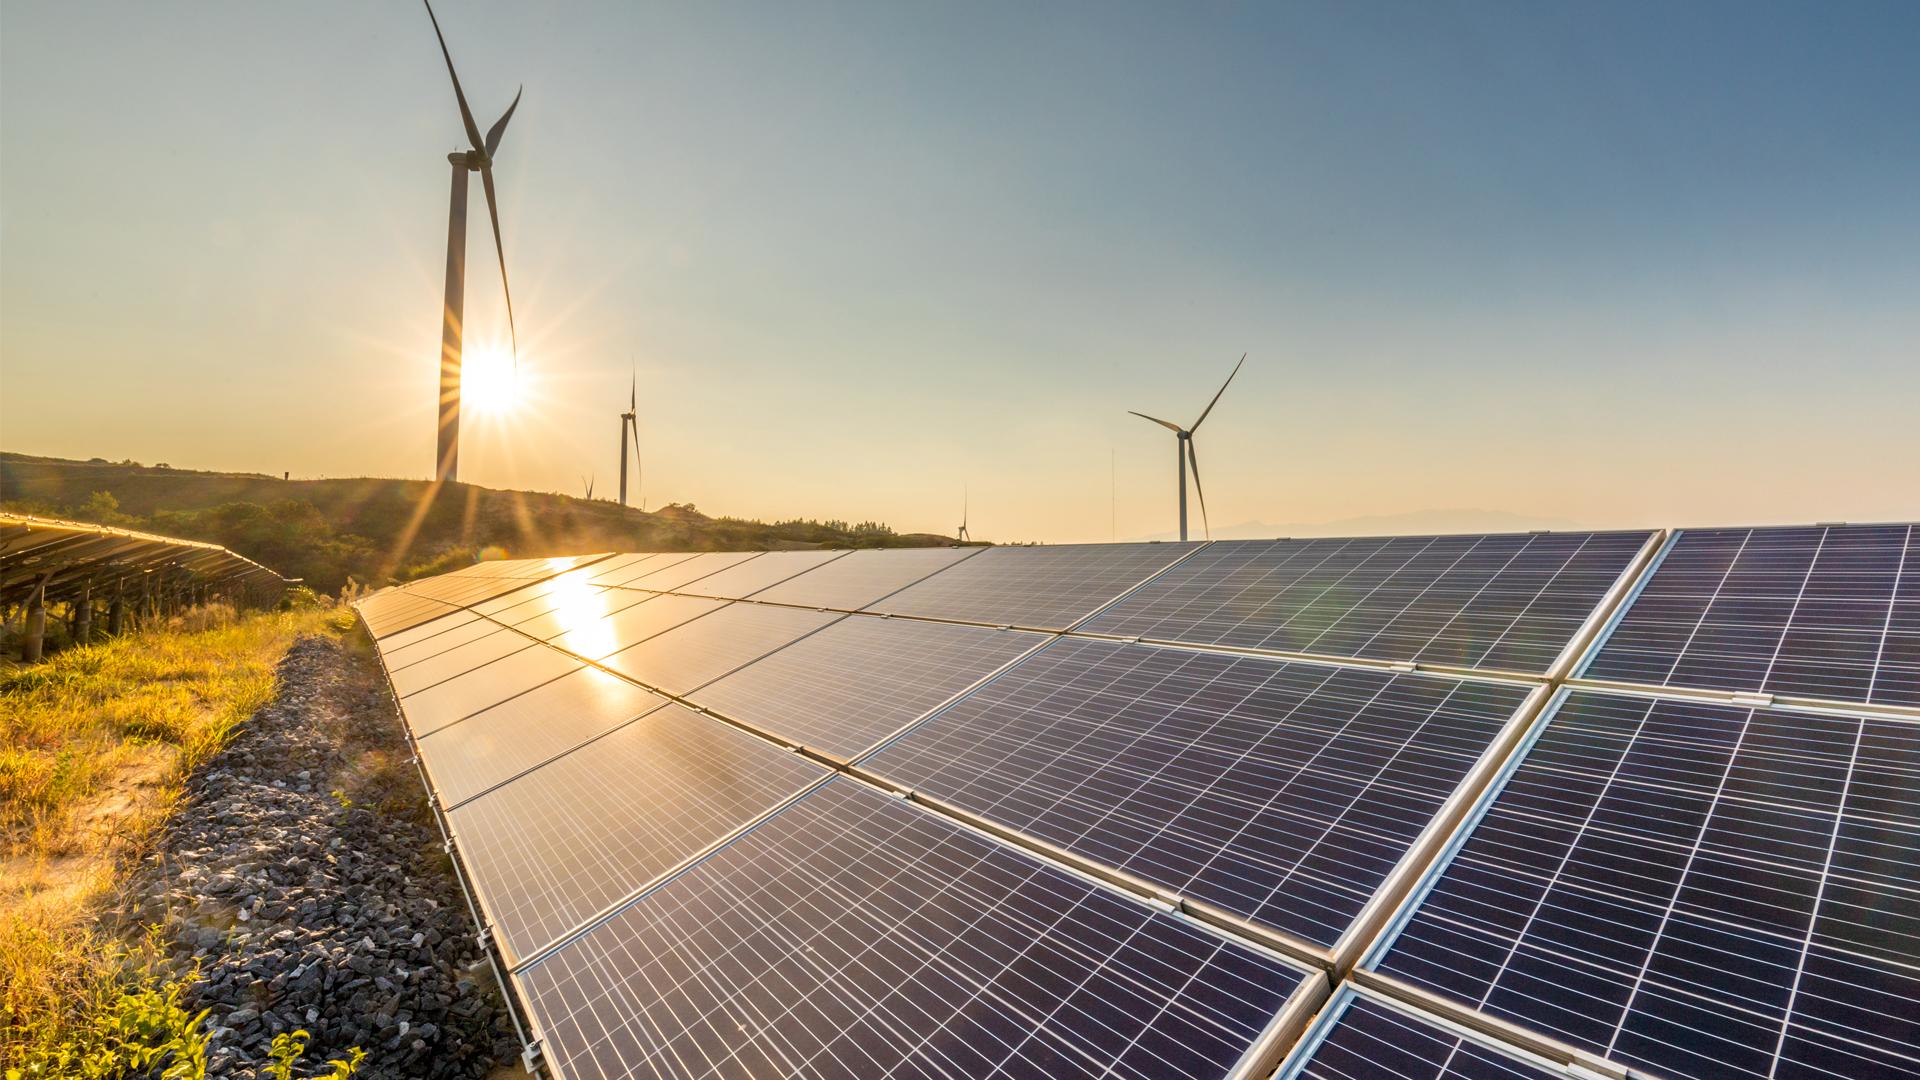 Альтернативные источники энергии - 20 наиболее интересных и перспективных | uaenergy